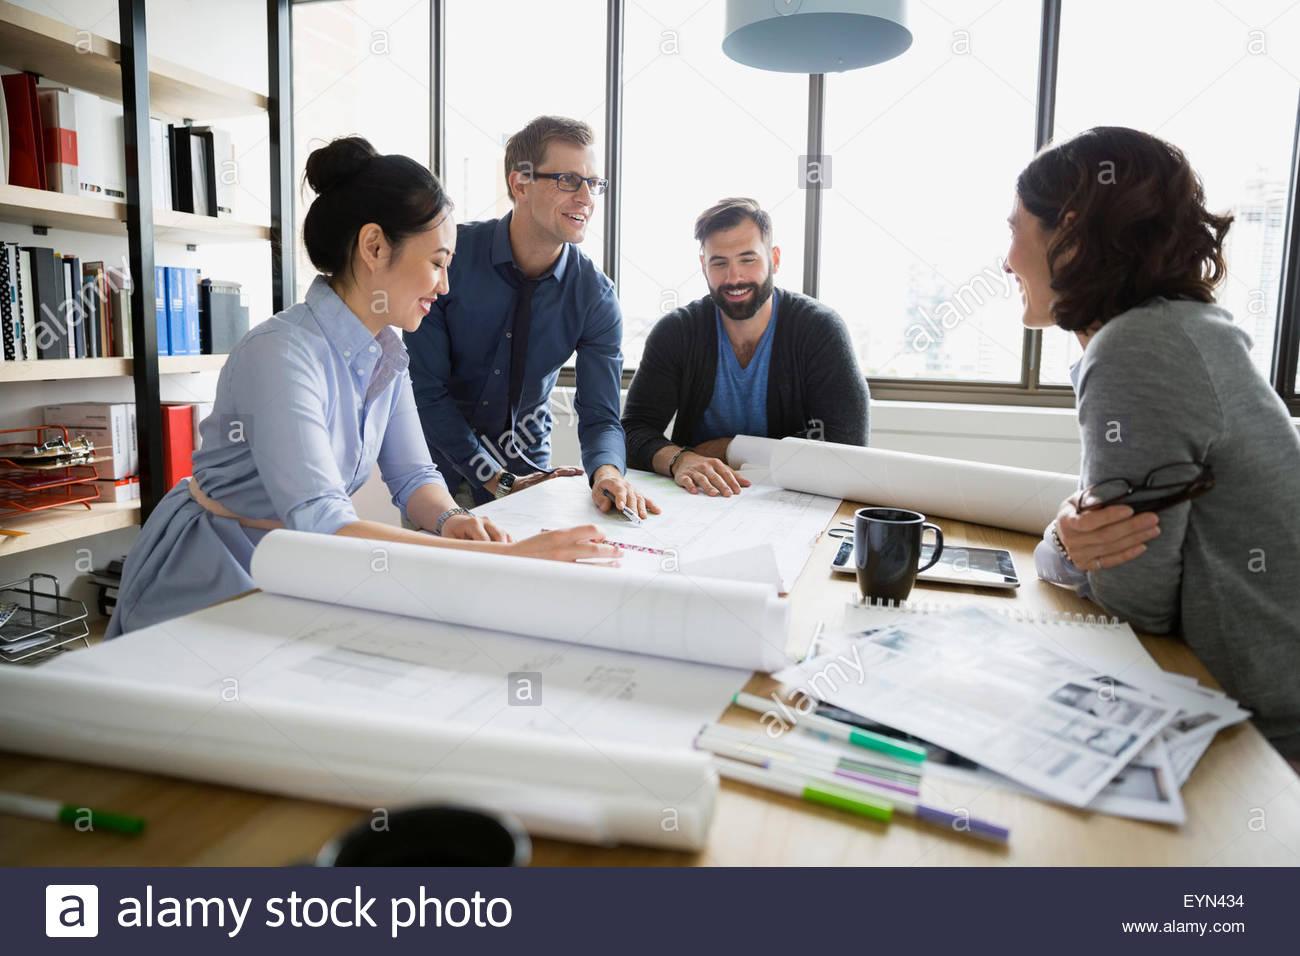 Incontro di architetti e rivedendo le cianografie in office Immagini Stock